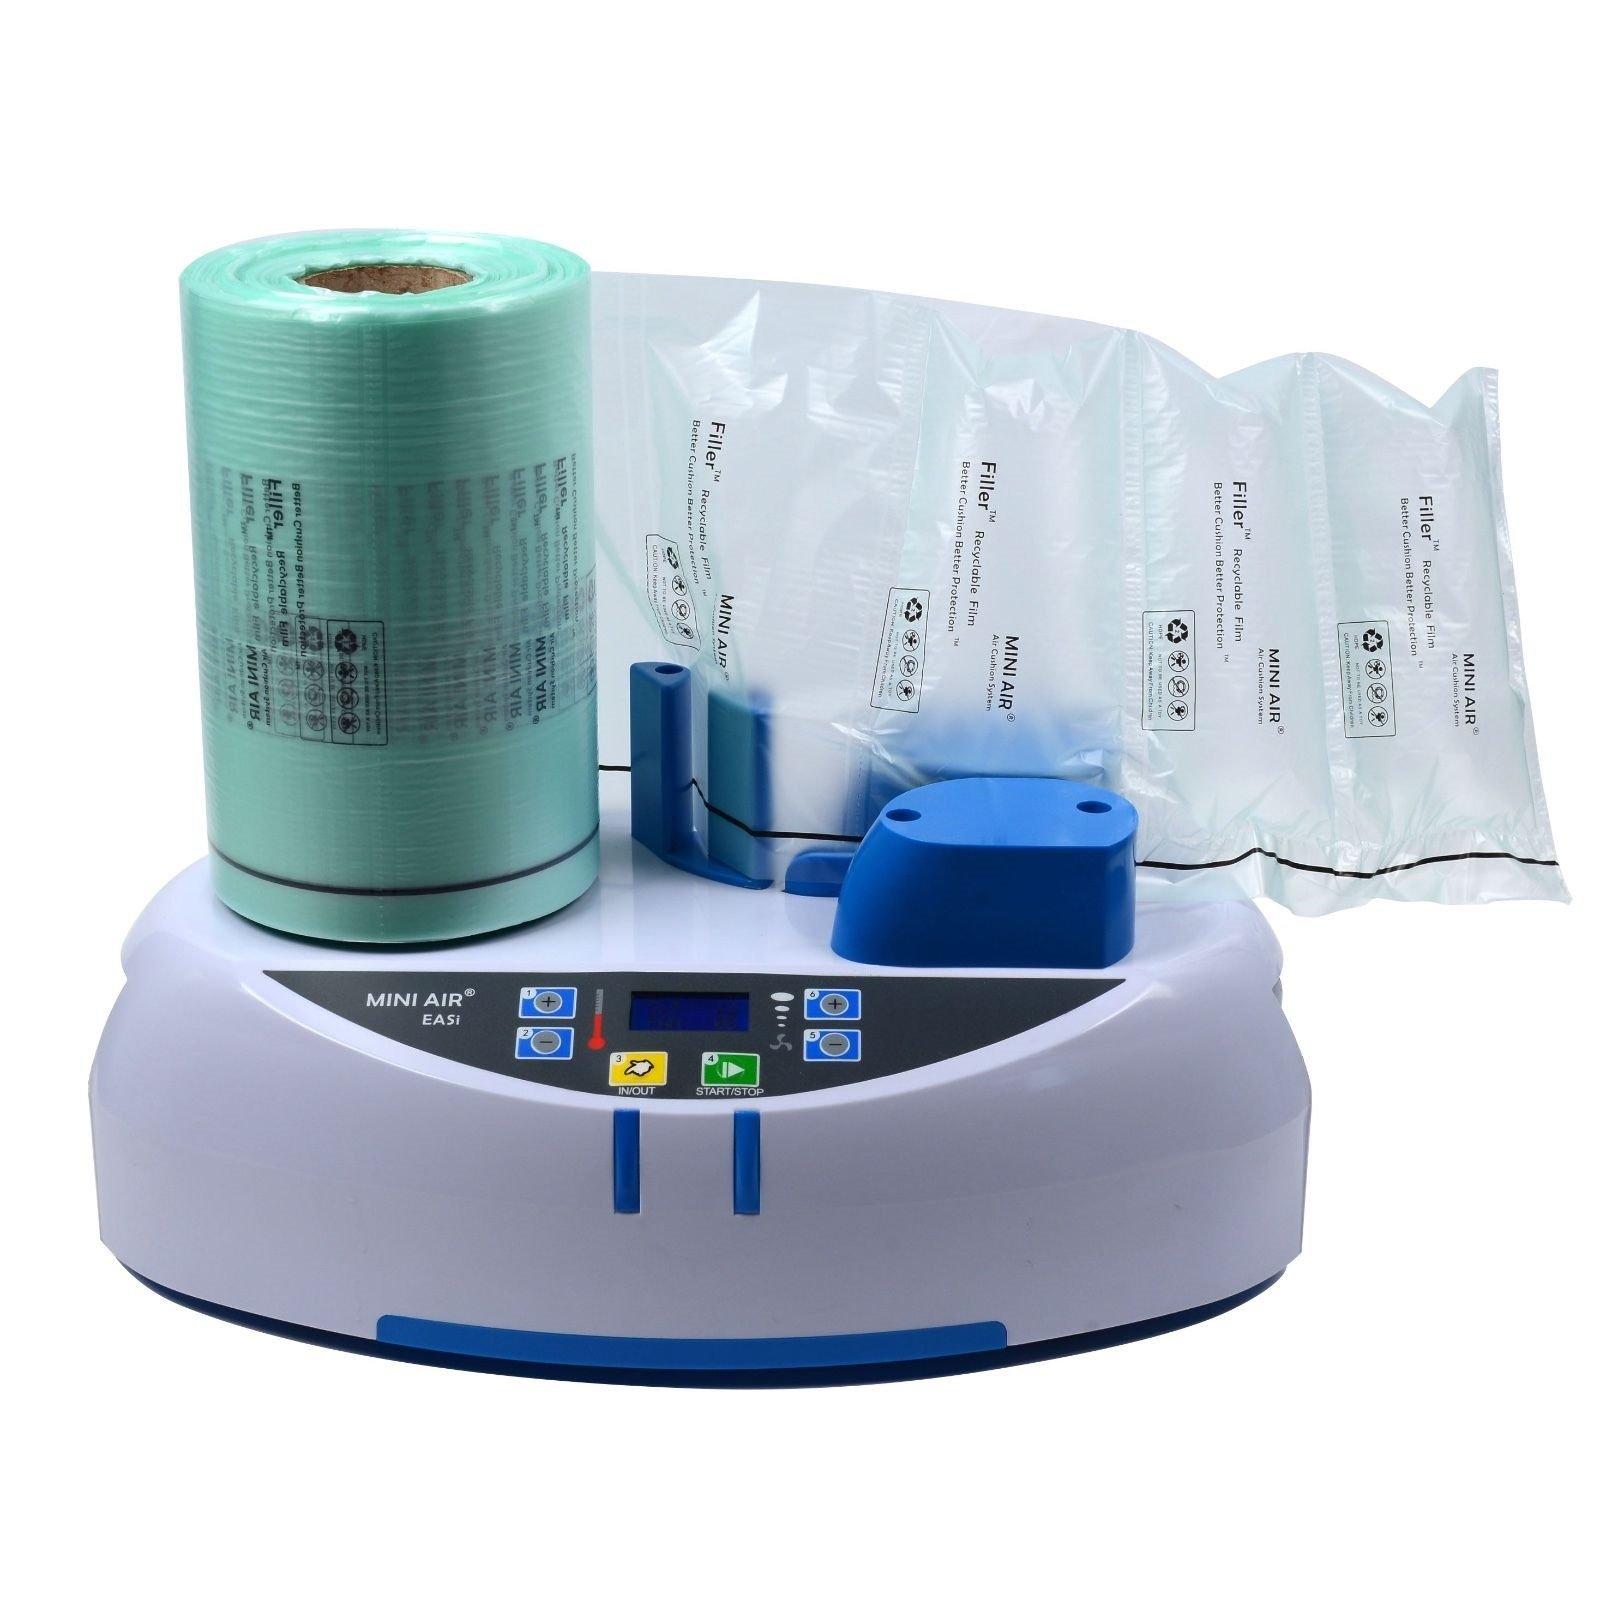 Mini Air Easi Air Pillow Maker Air Bubble Wrap Making Machine Air Cushion Machine Inflatable Packaging + 1 Free Test Film Roll by Mini Air